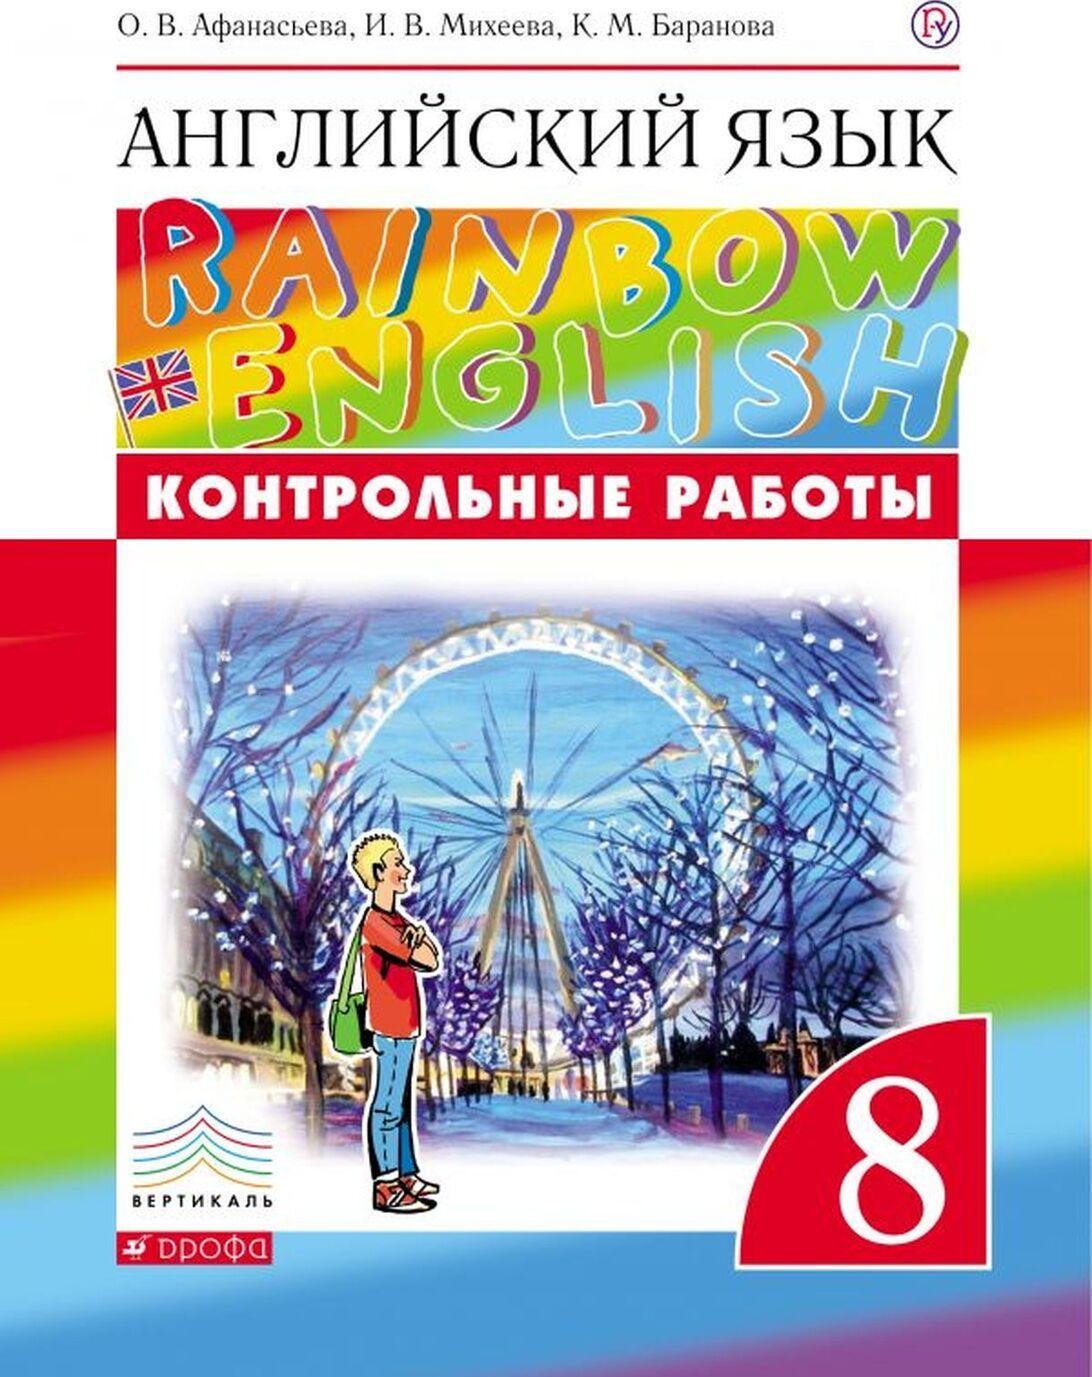 Anglijskij jazyk. 8 klass. Kontrolnye raboty | Afanaseva Olga Vasilevna, Baranova Ksenija Mikhajlovna